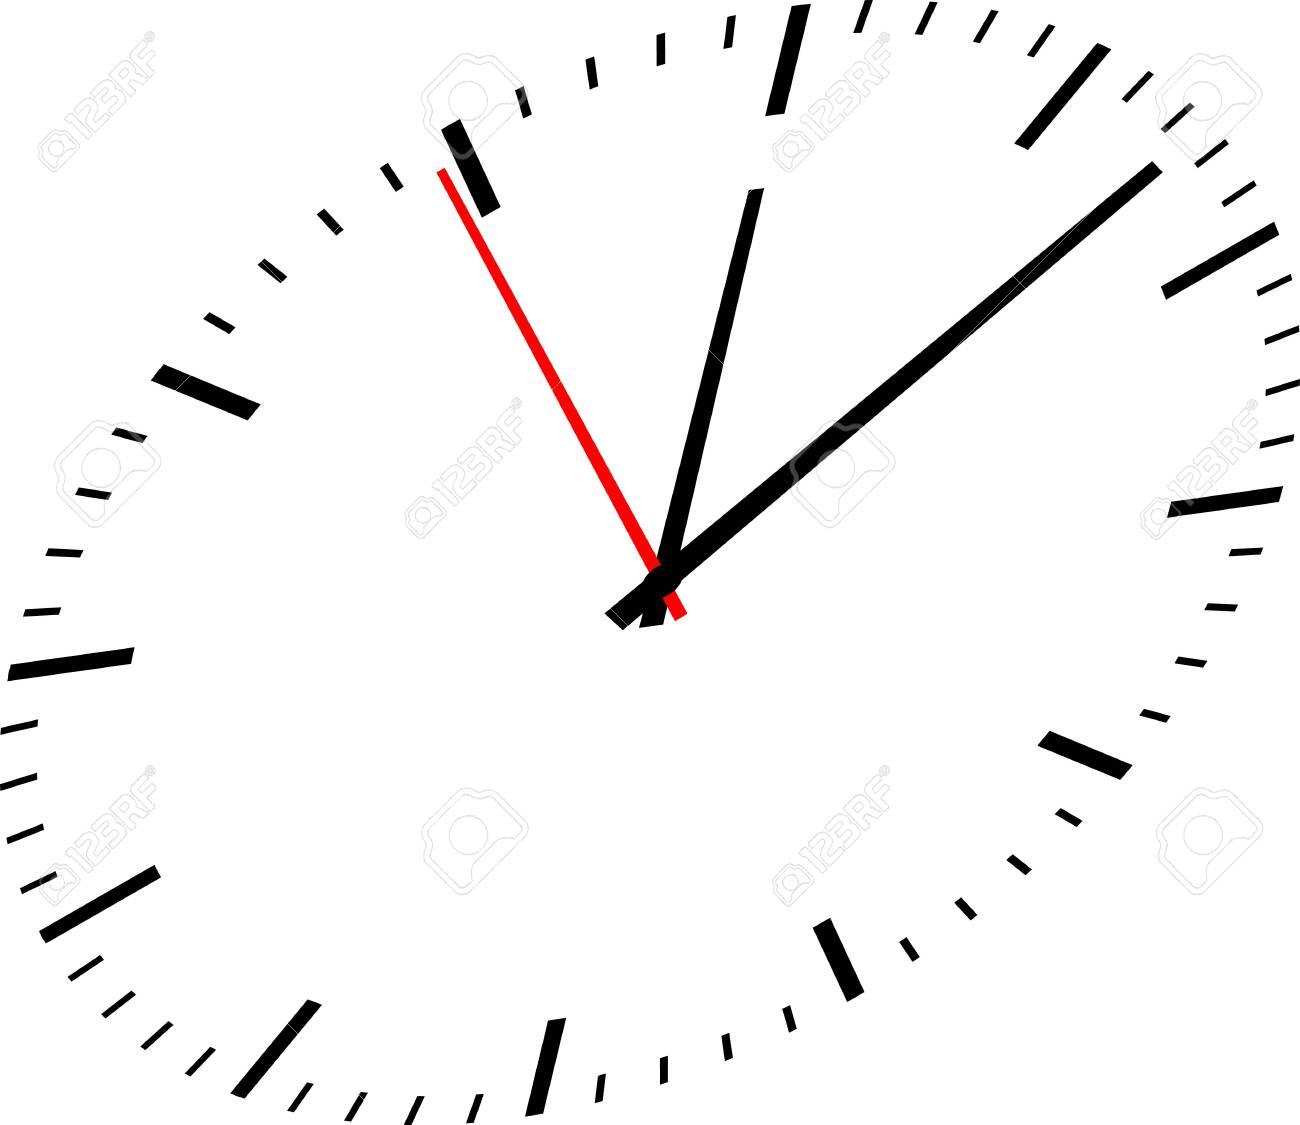 Clock image on white background - 148700271